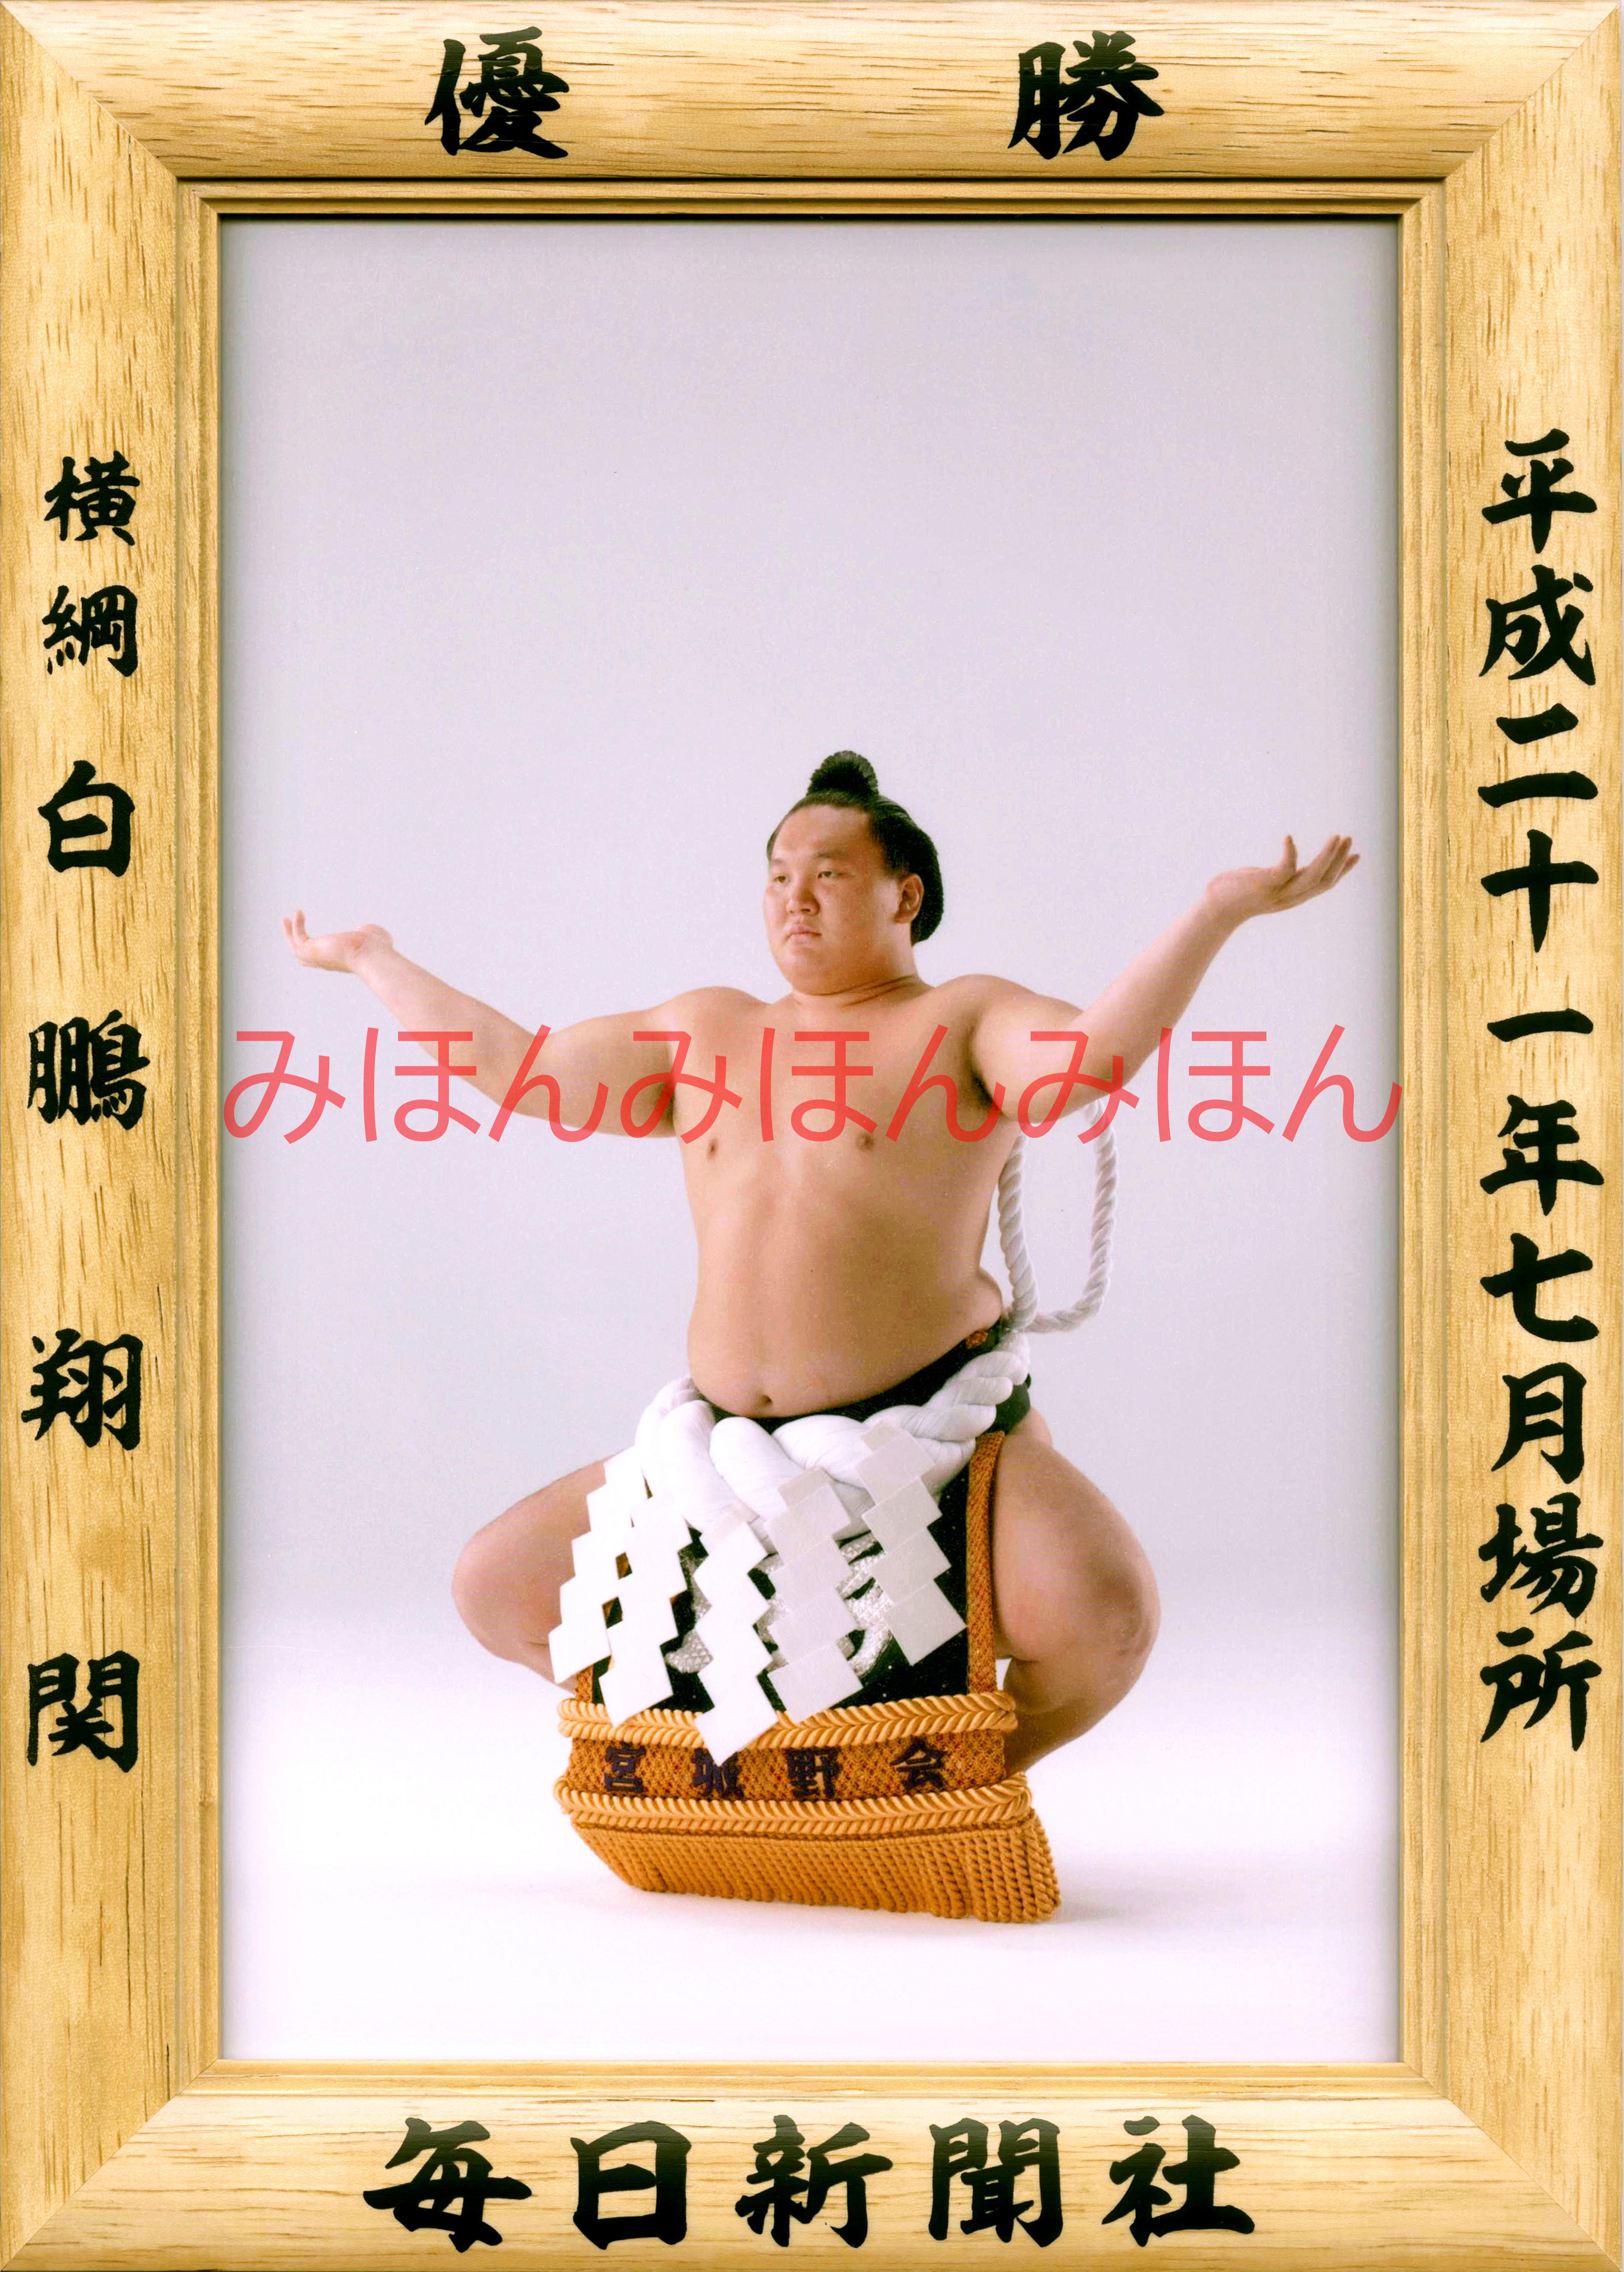 平成21年7月場所優勝 横綱 白鵬翔関(11回目の優勝)